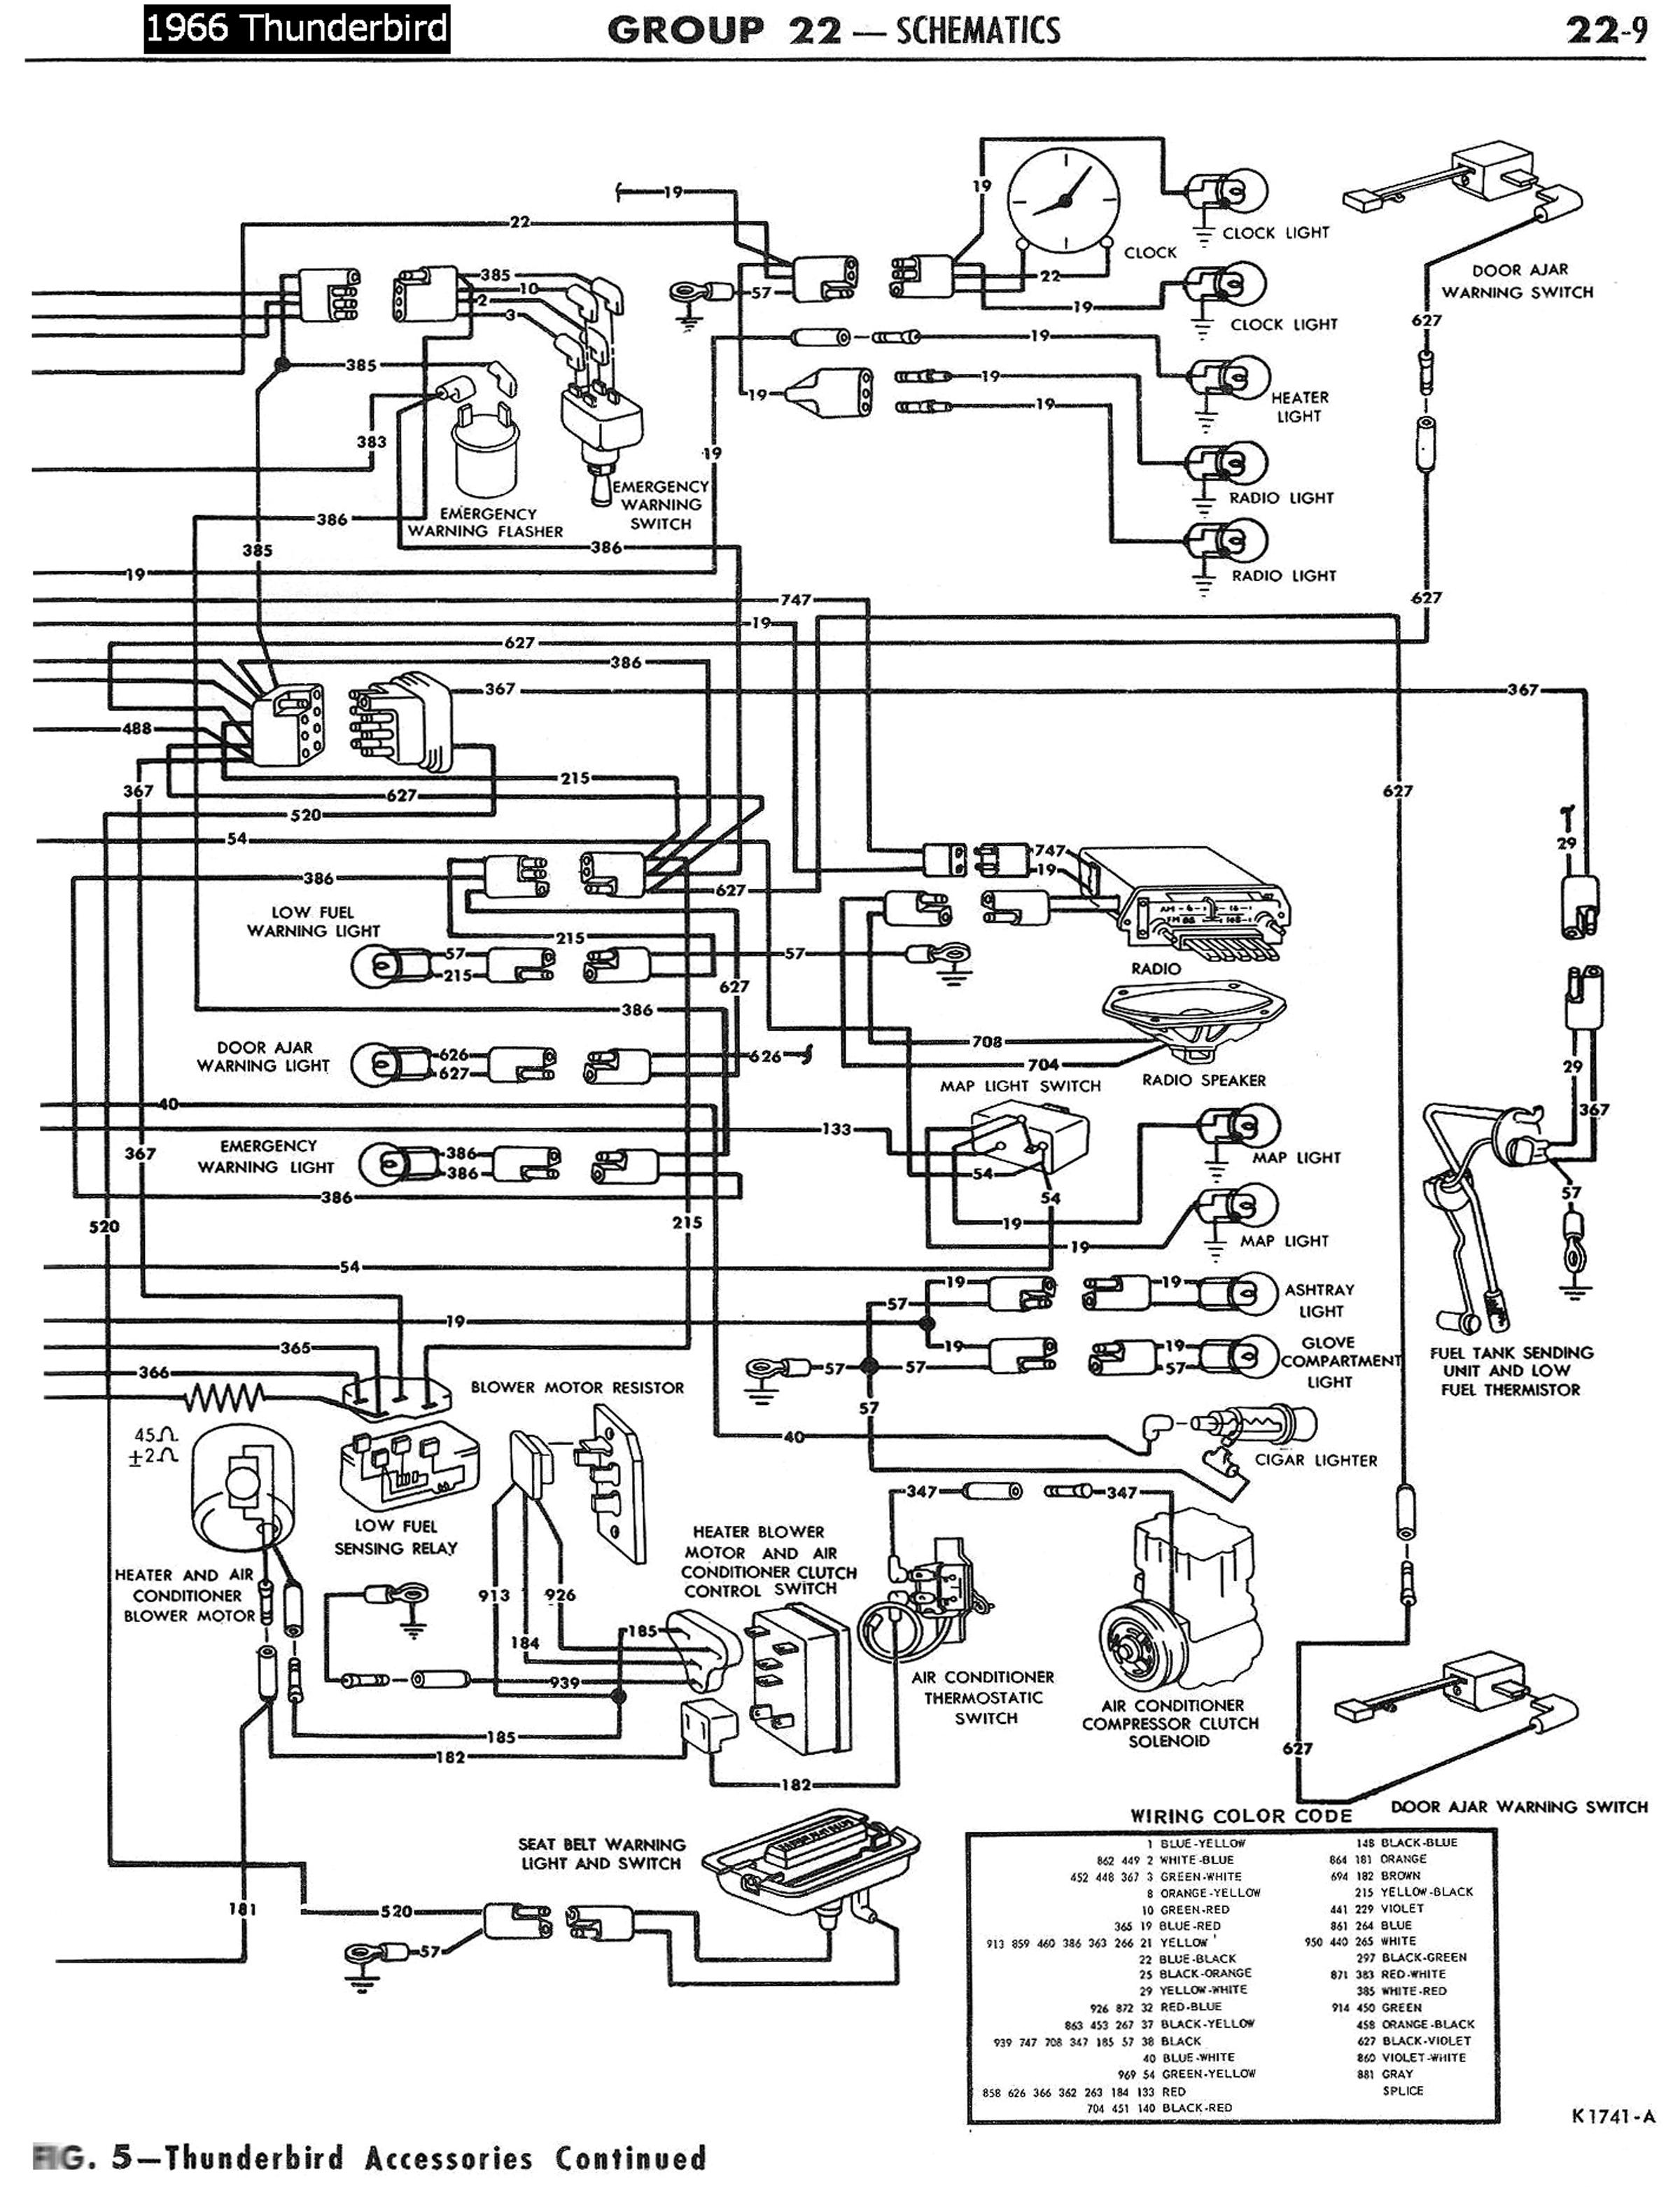 1966 thunderbird vacuum diagram